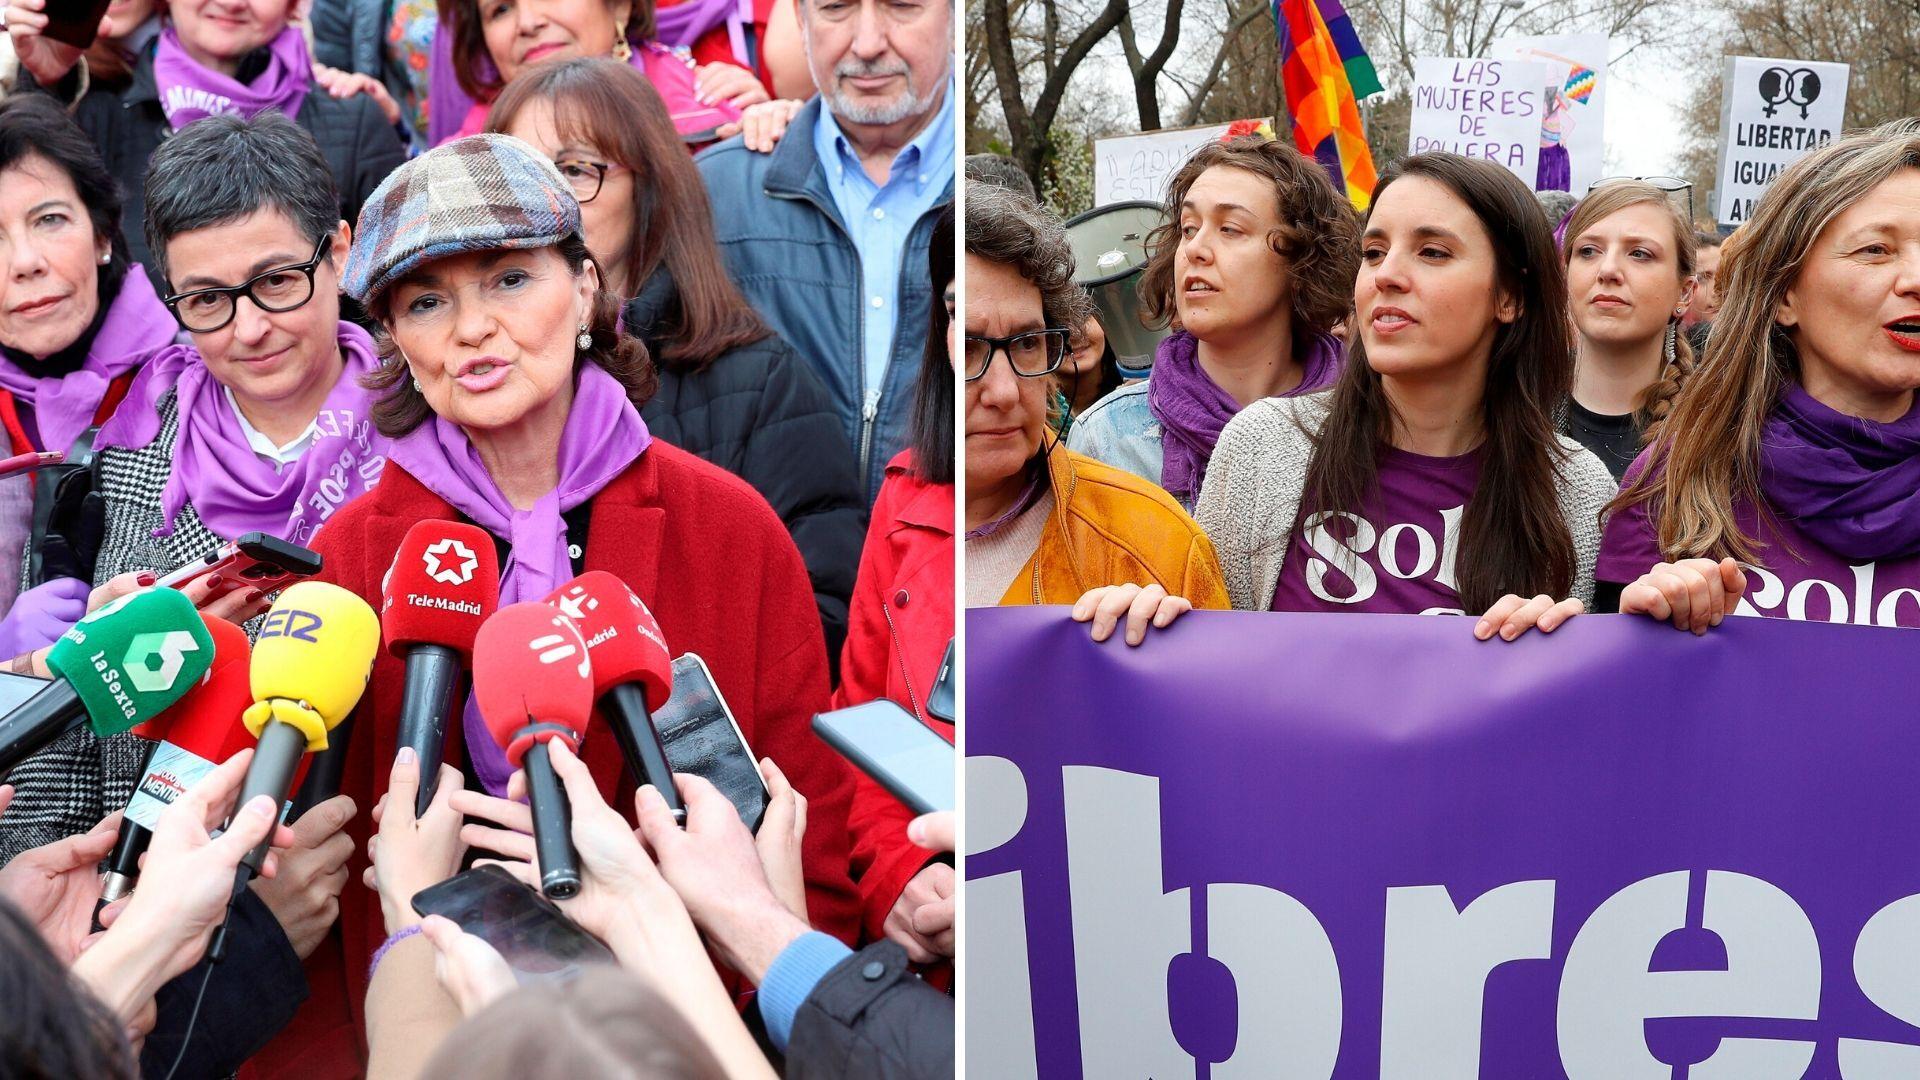 Resultado de imagen de manifestacion feminista ministra de igualda